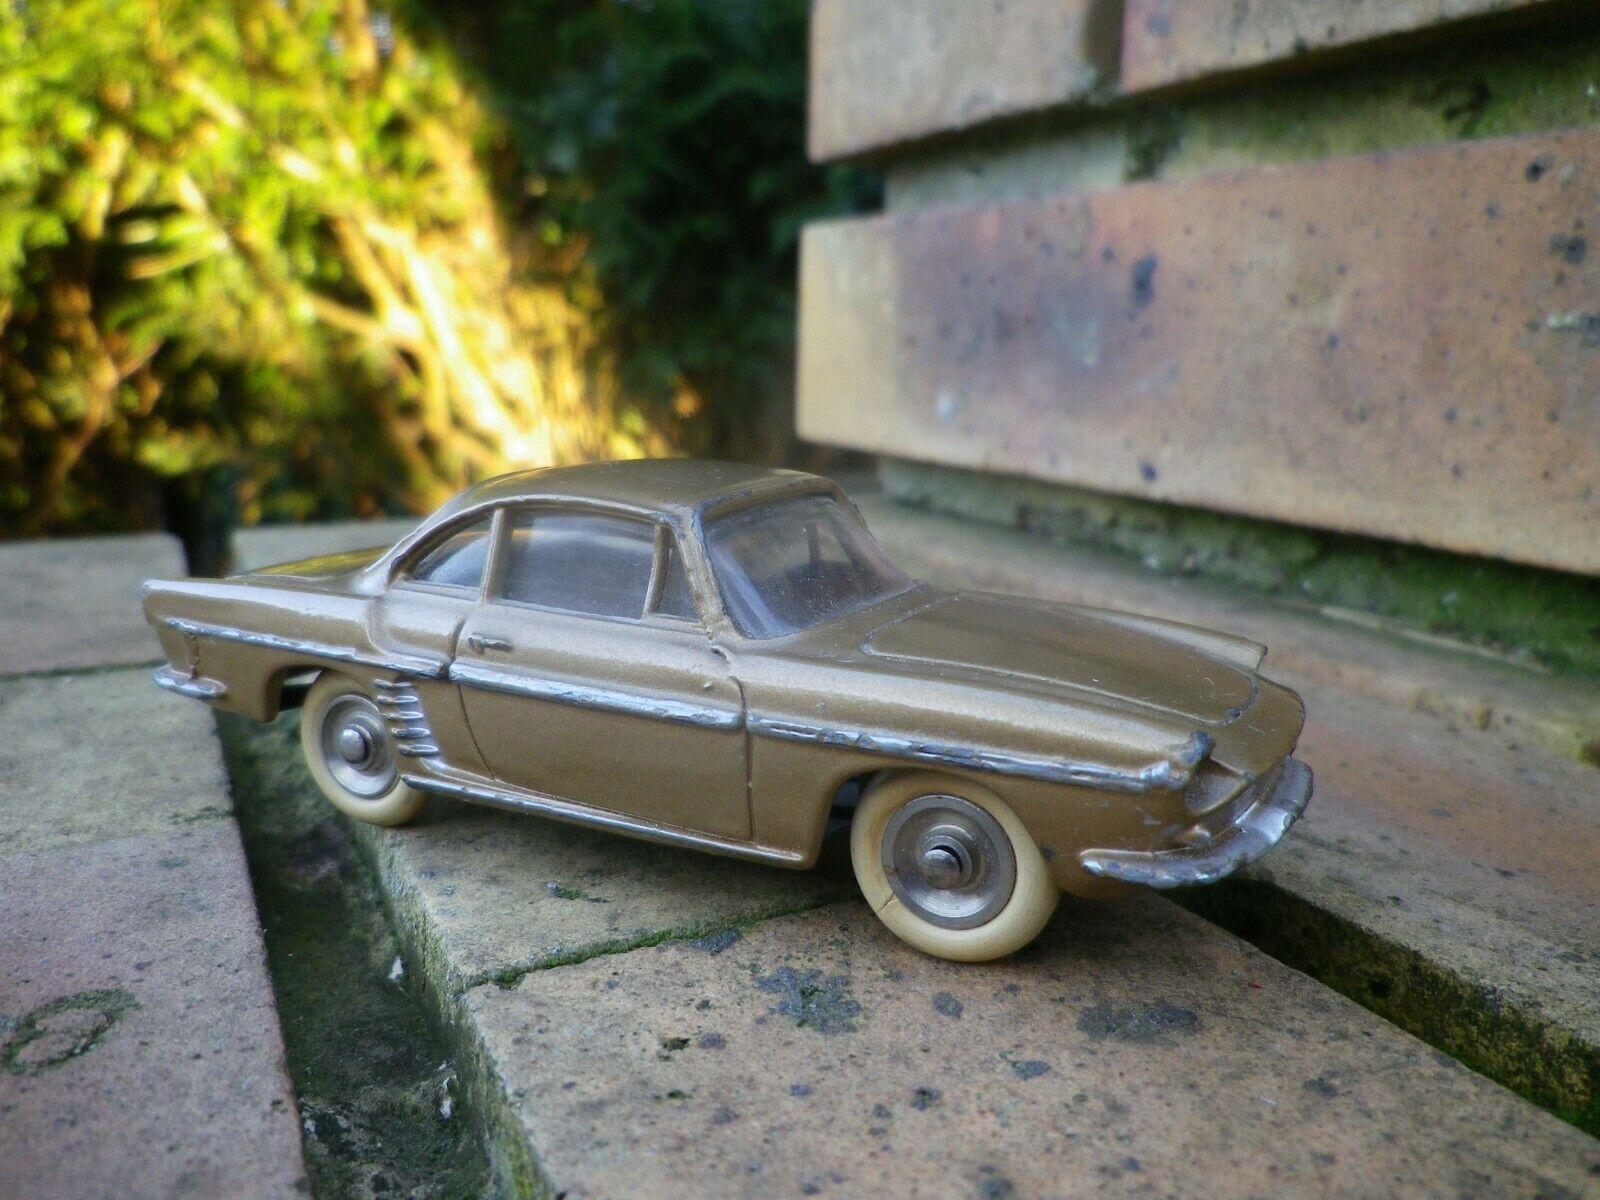 essere molto richiesto DINKY giocattoli 543 RENAULT FLORIDE intérieur capot capot capot lisse fatto in FRANCE 1958 TBE  buona reputazione